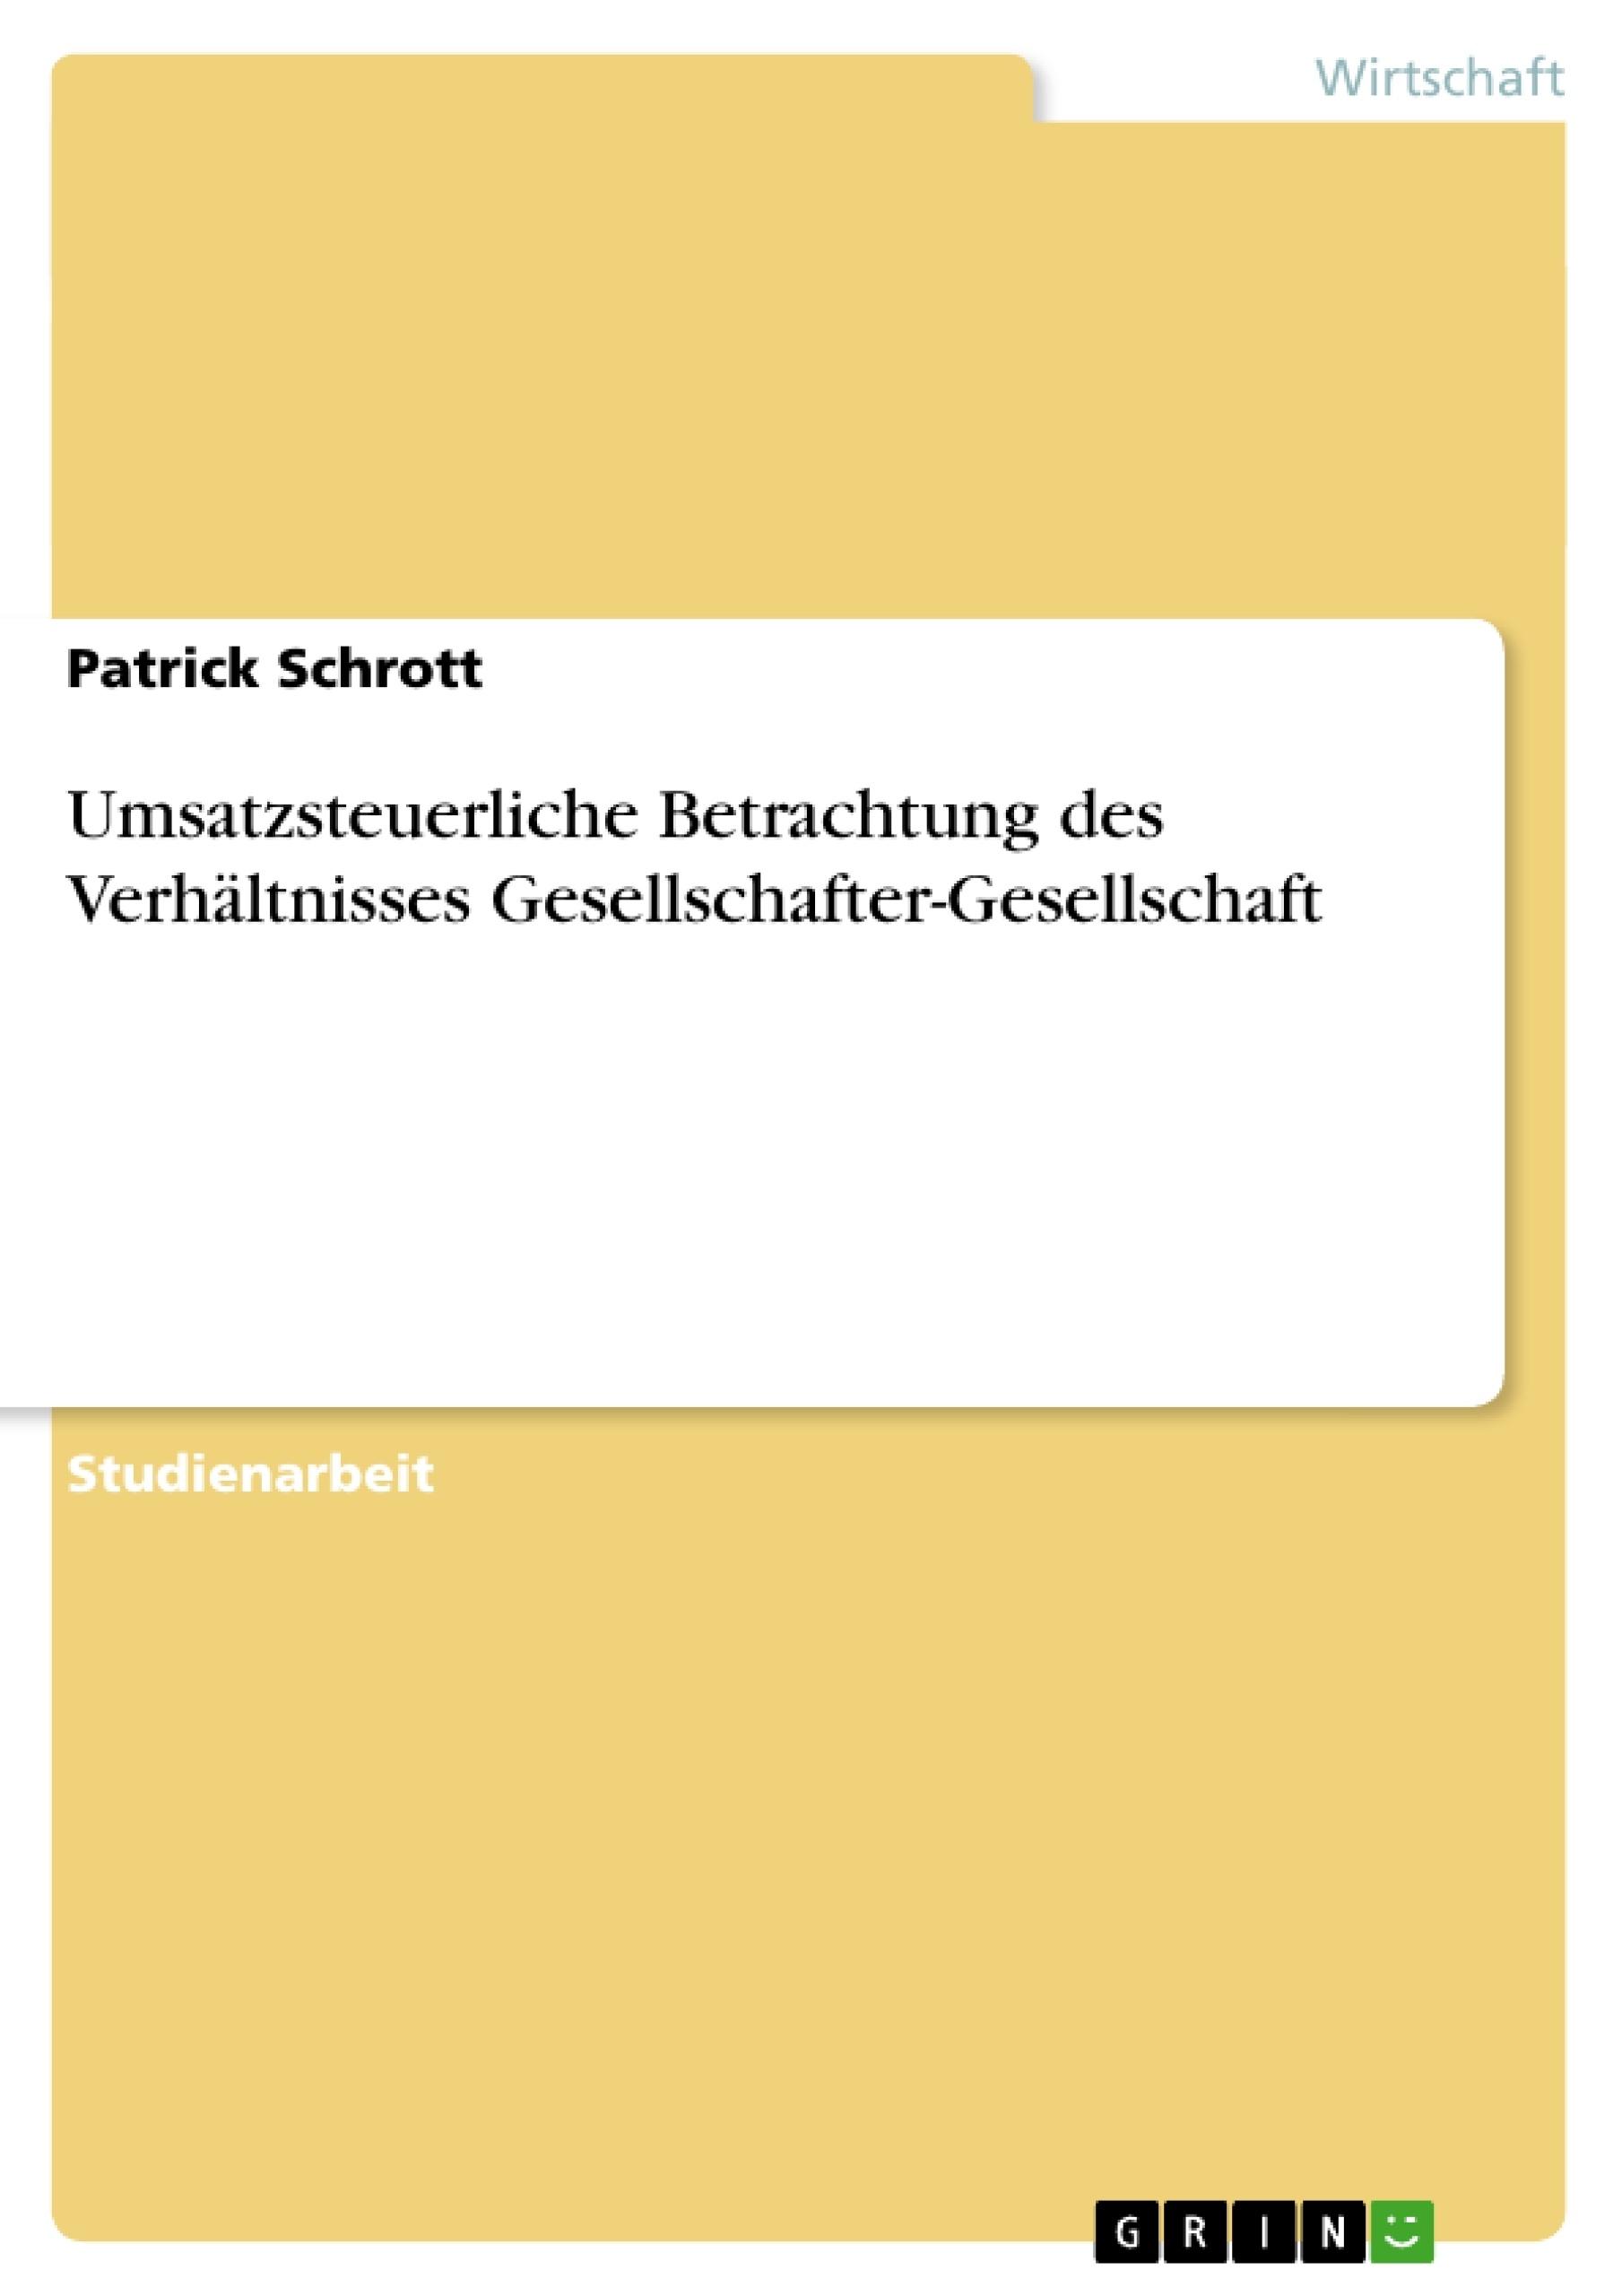 Titel: Umsatzsteuerliche Betrachtung des Verhältnisses Gesellschafter-Gesellschaft